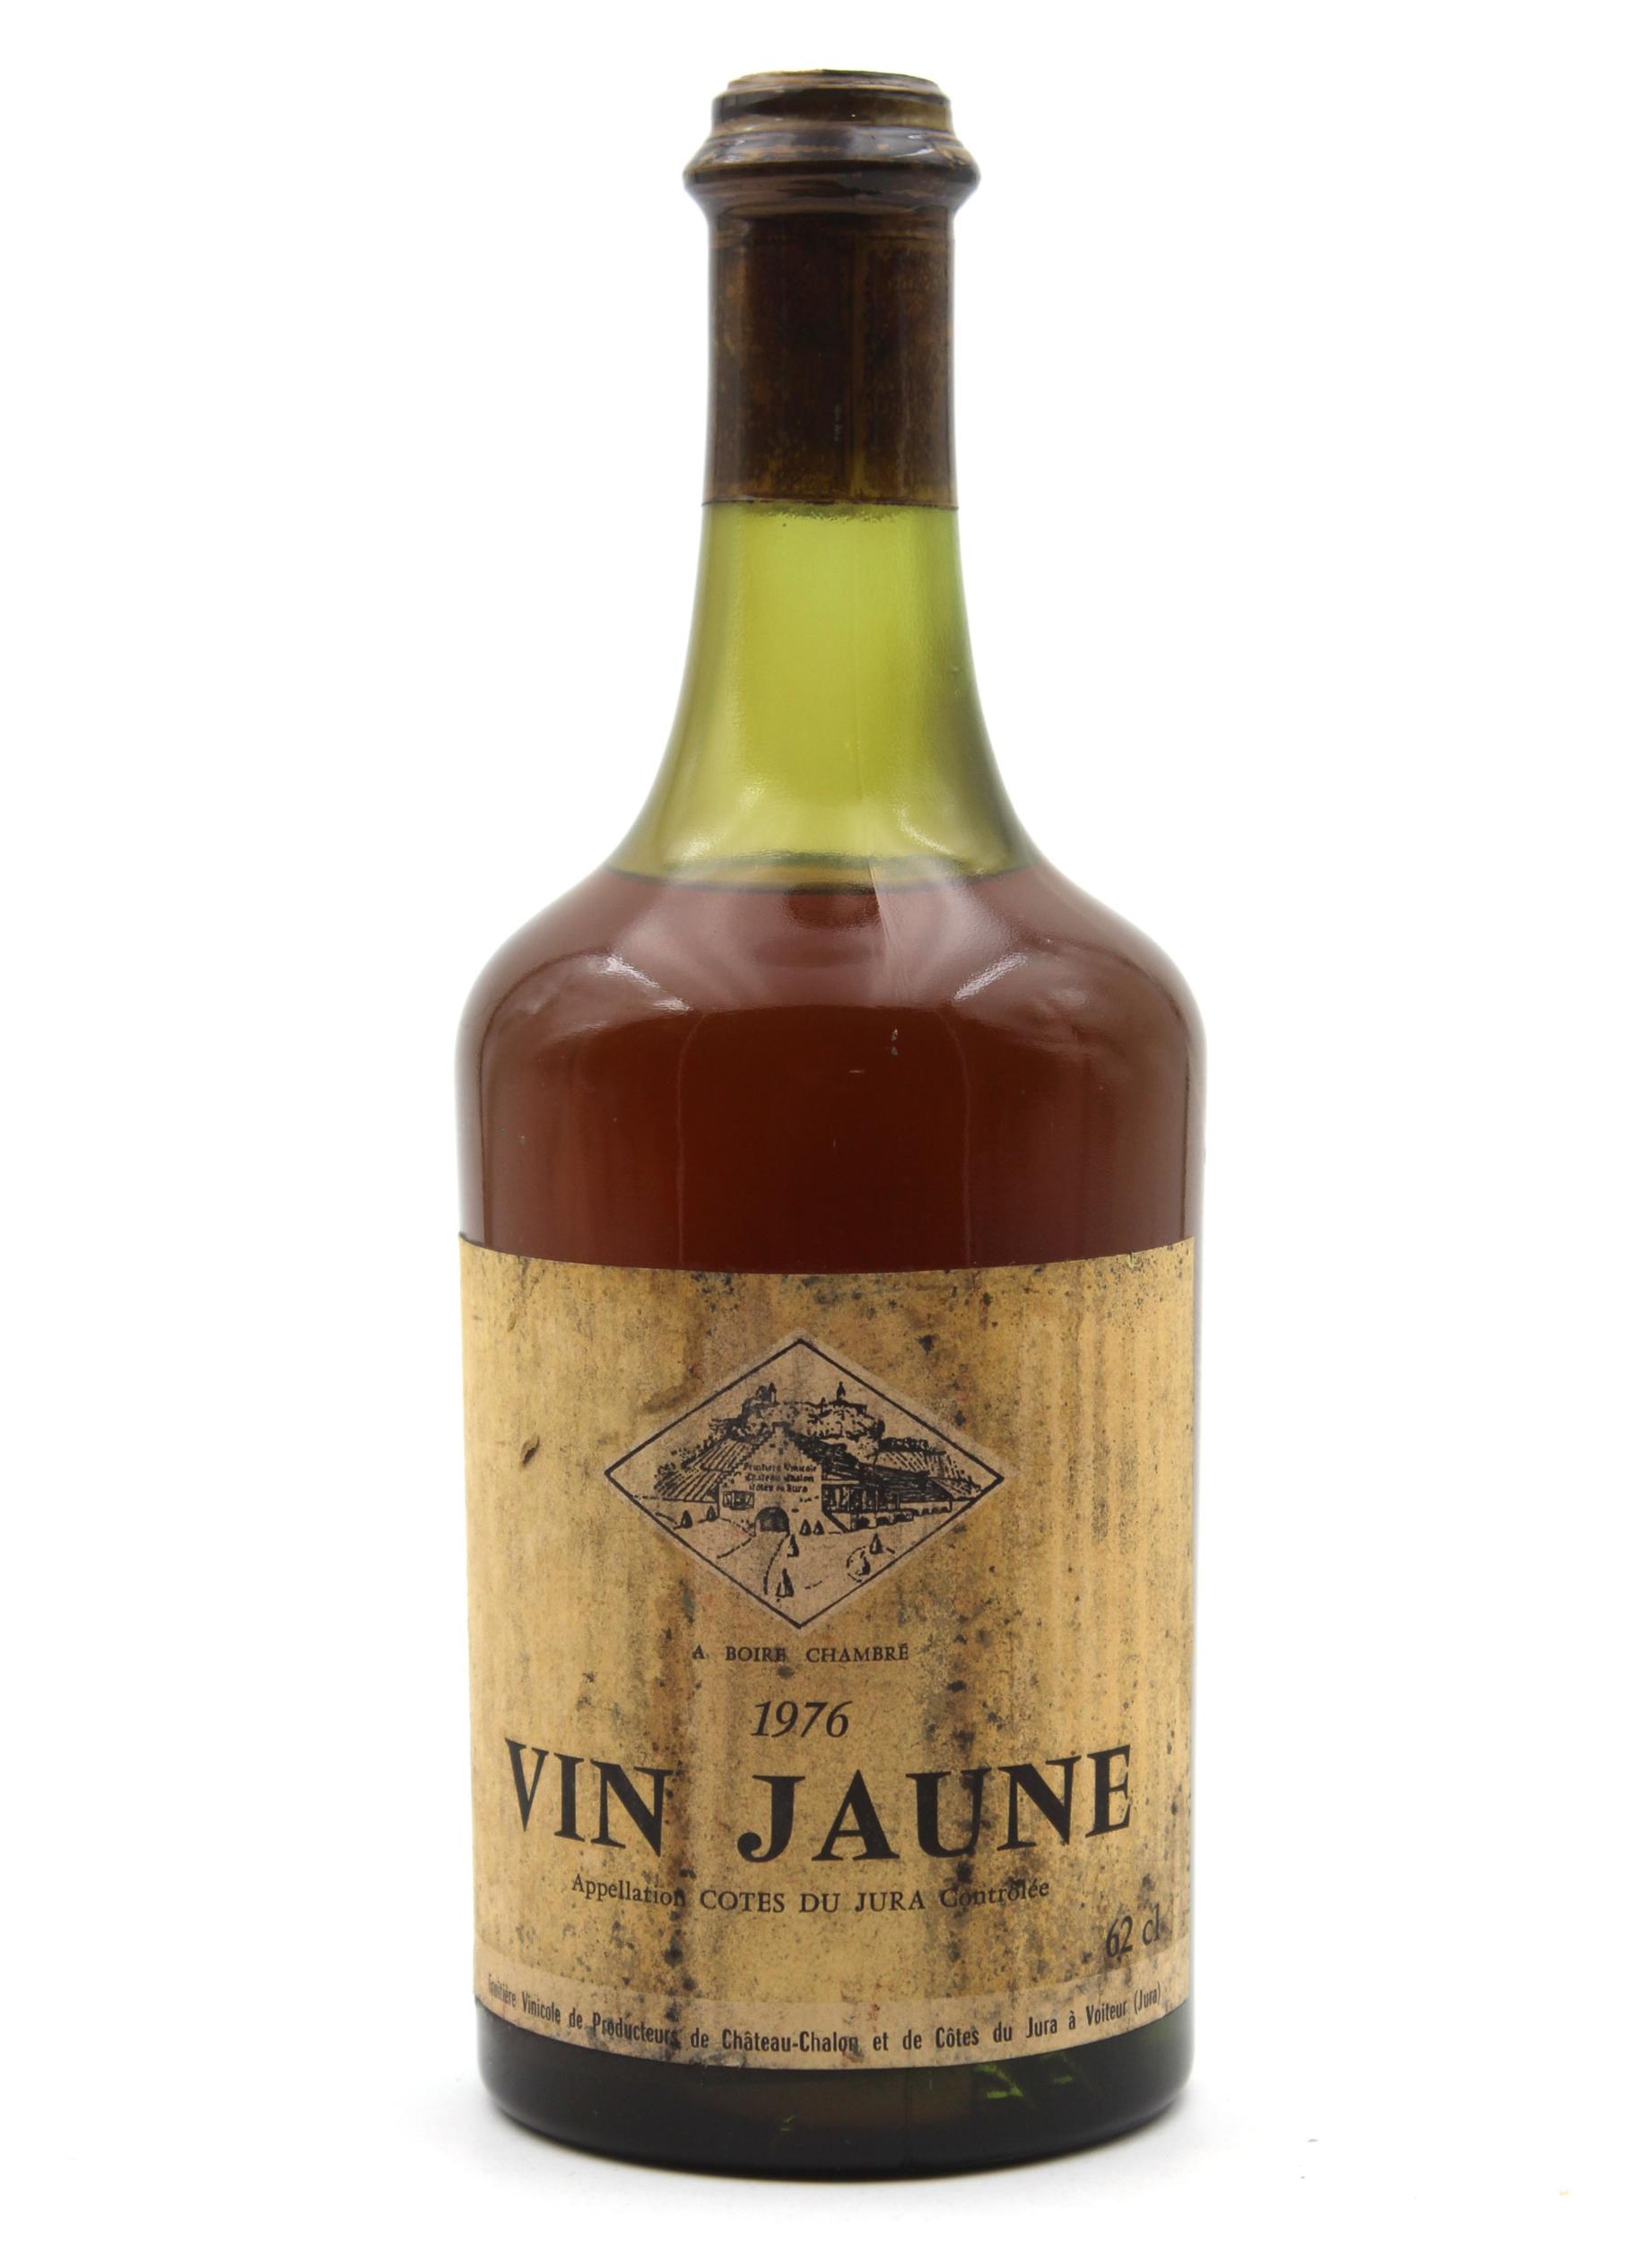 Vin Jaune 1976 - 62CL - Côtes du Jura